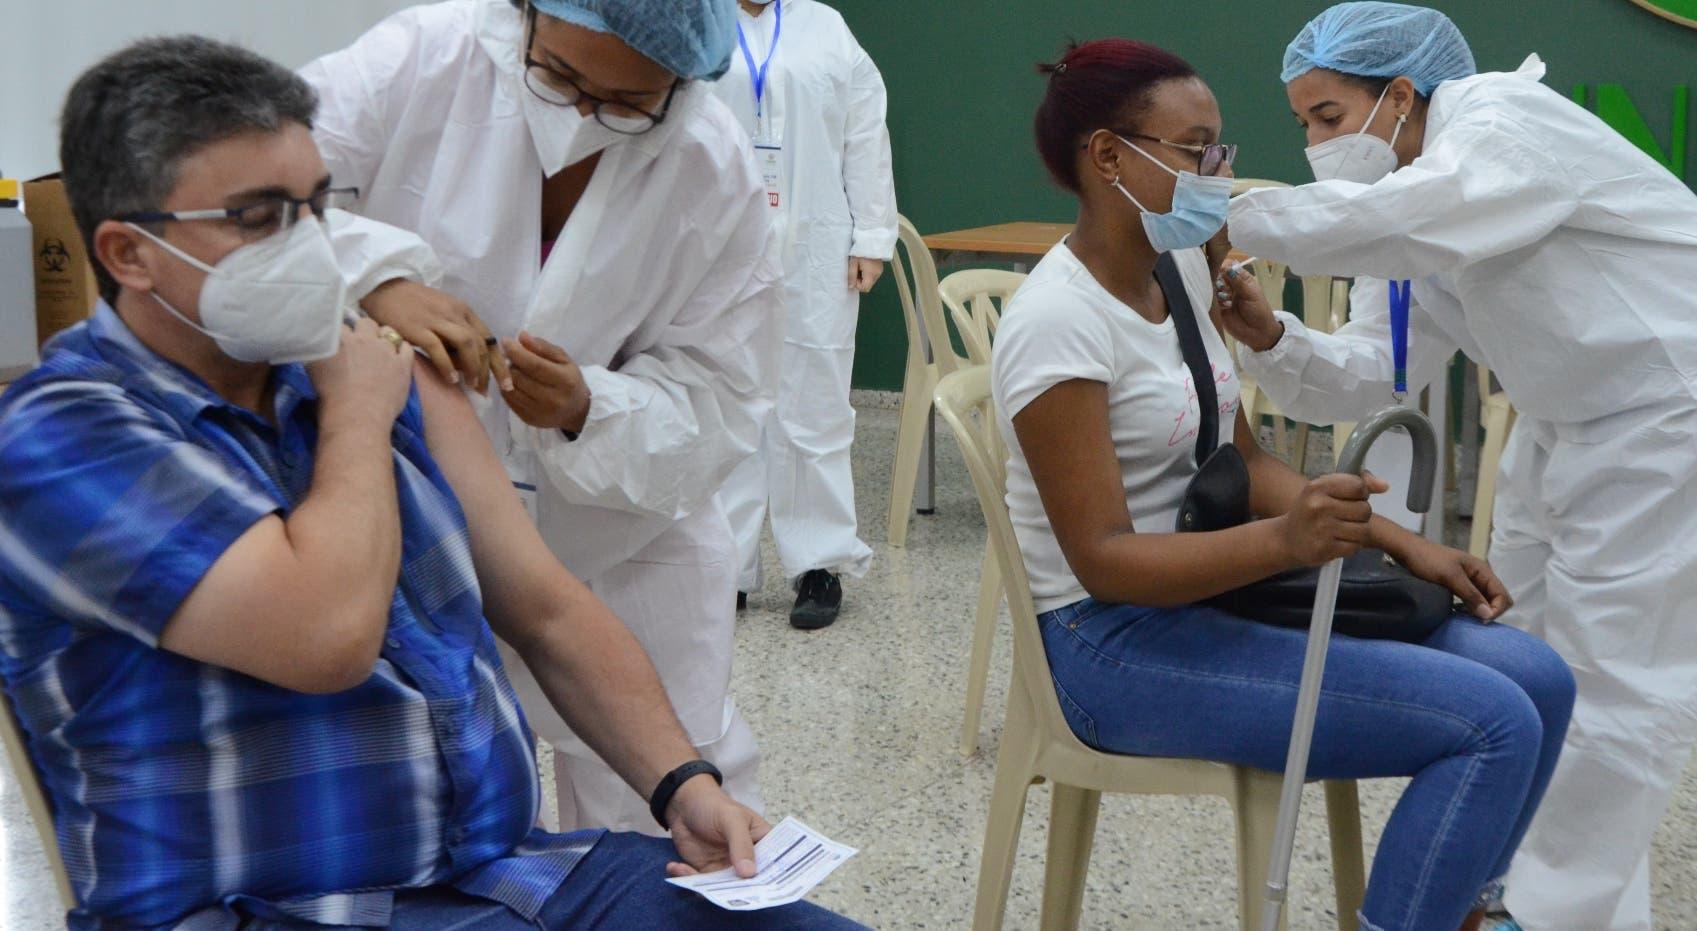 República Dominicana llega a los 11 millones de dosis aplicadas contra el Covid-19